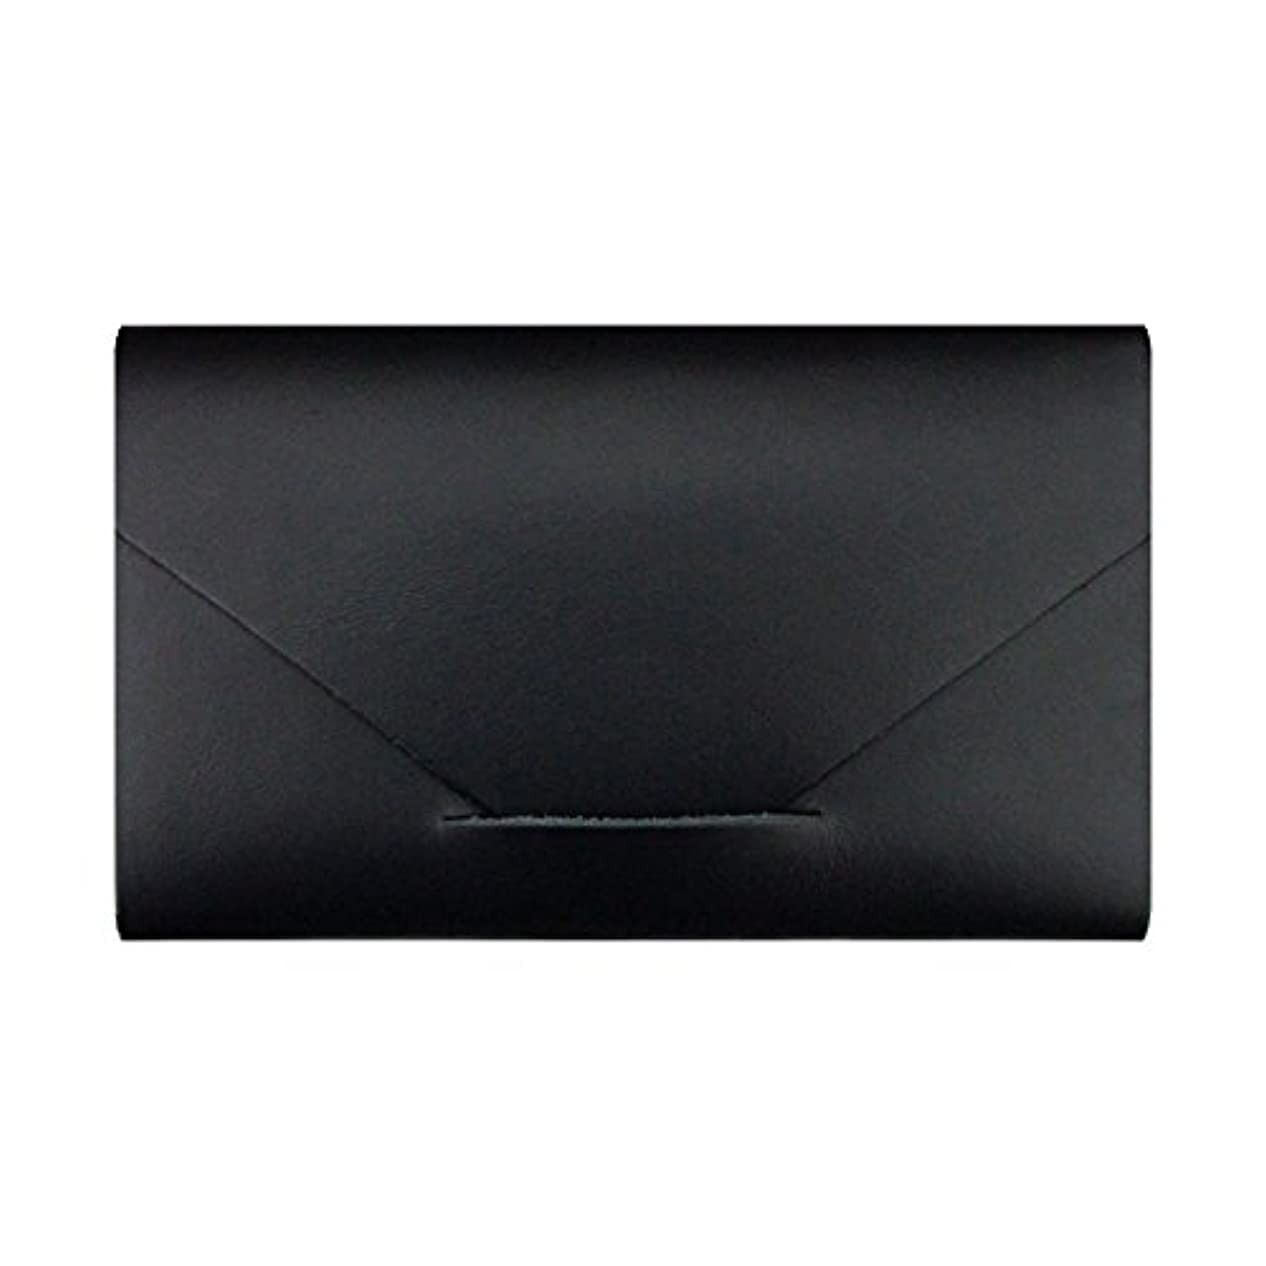 属性周波数土砂降りMODERN AGE TOKYO 2 カードケース(サシェ3種入) ブラック BLACK CARD CASE モダンエイジトウキョウツー